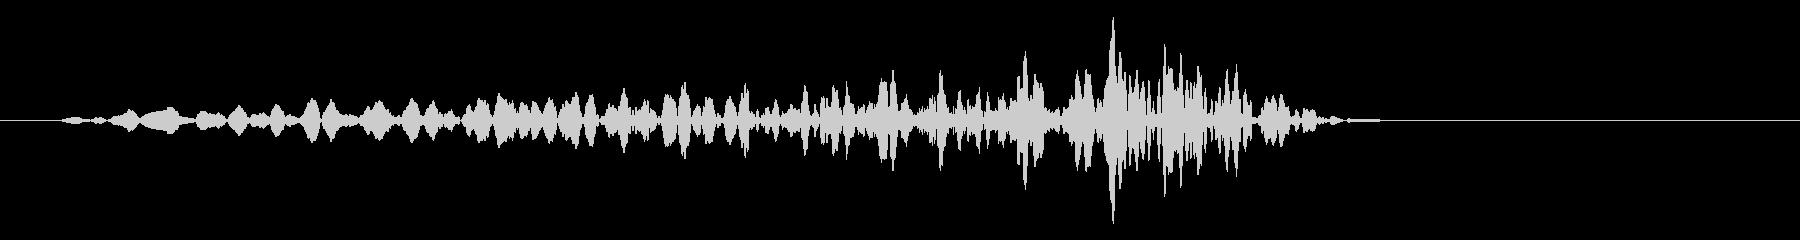 グリッ(ダメージを受ける効果音)の未再生の波形